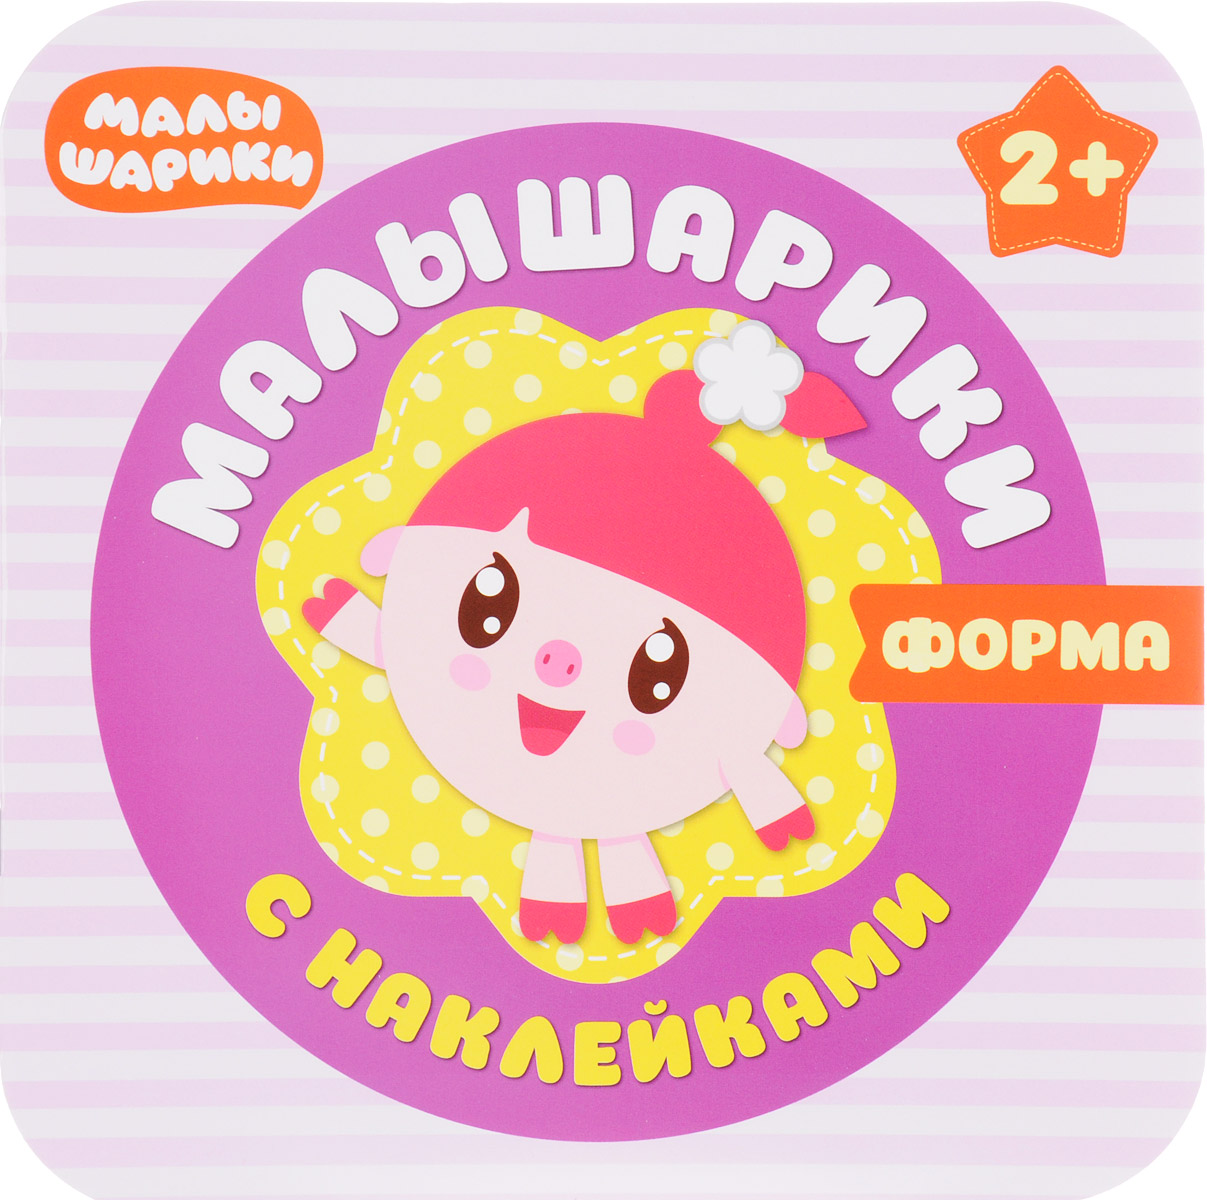 М. Романова Форма. Малышарики (+ наклейки) мягкая игрушка малышарики нюшенька 25 см